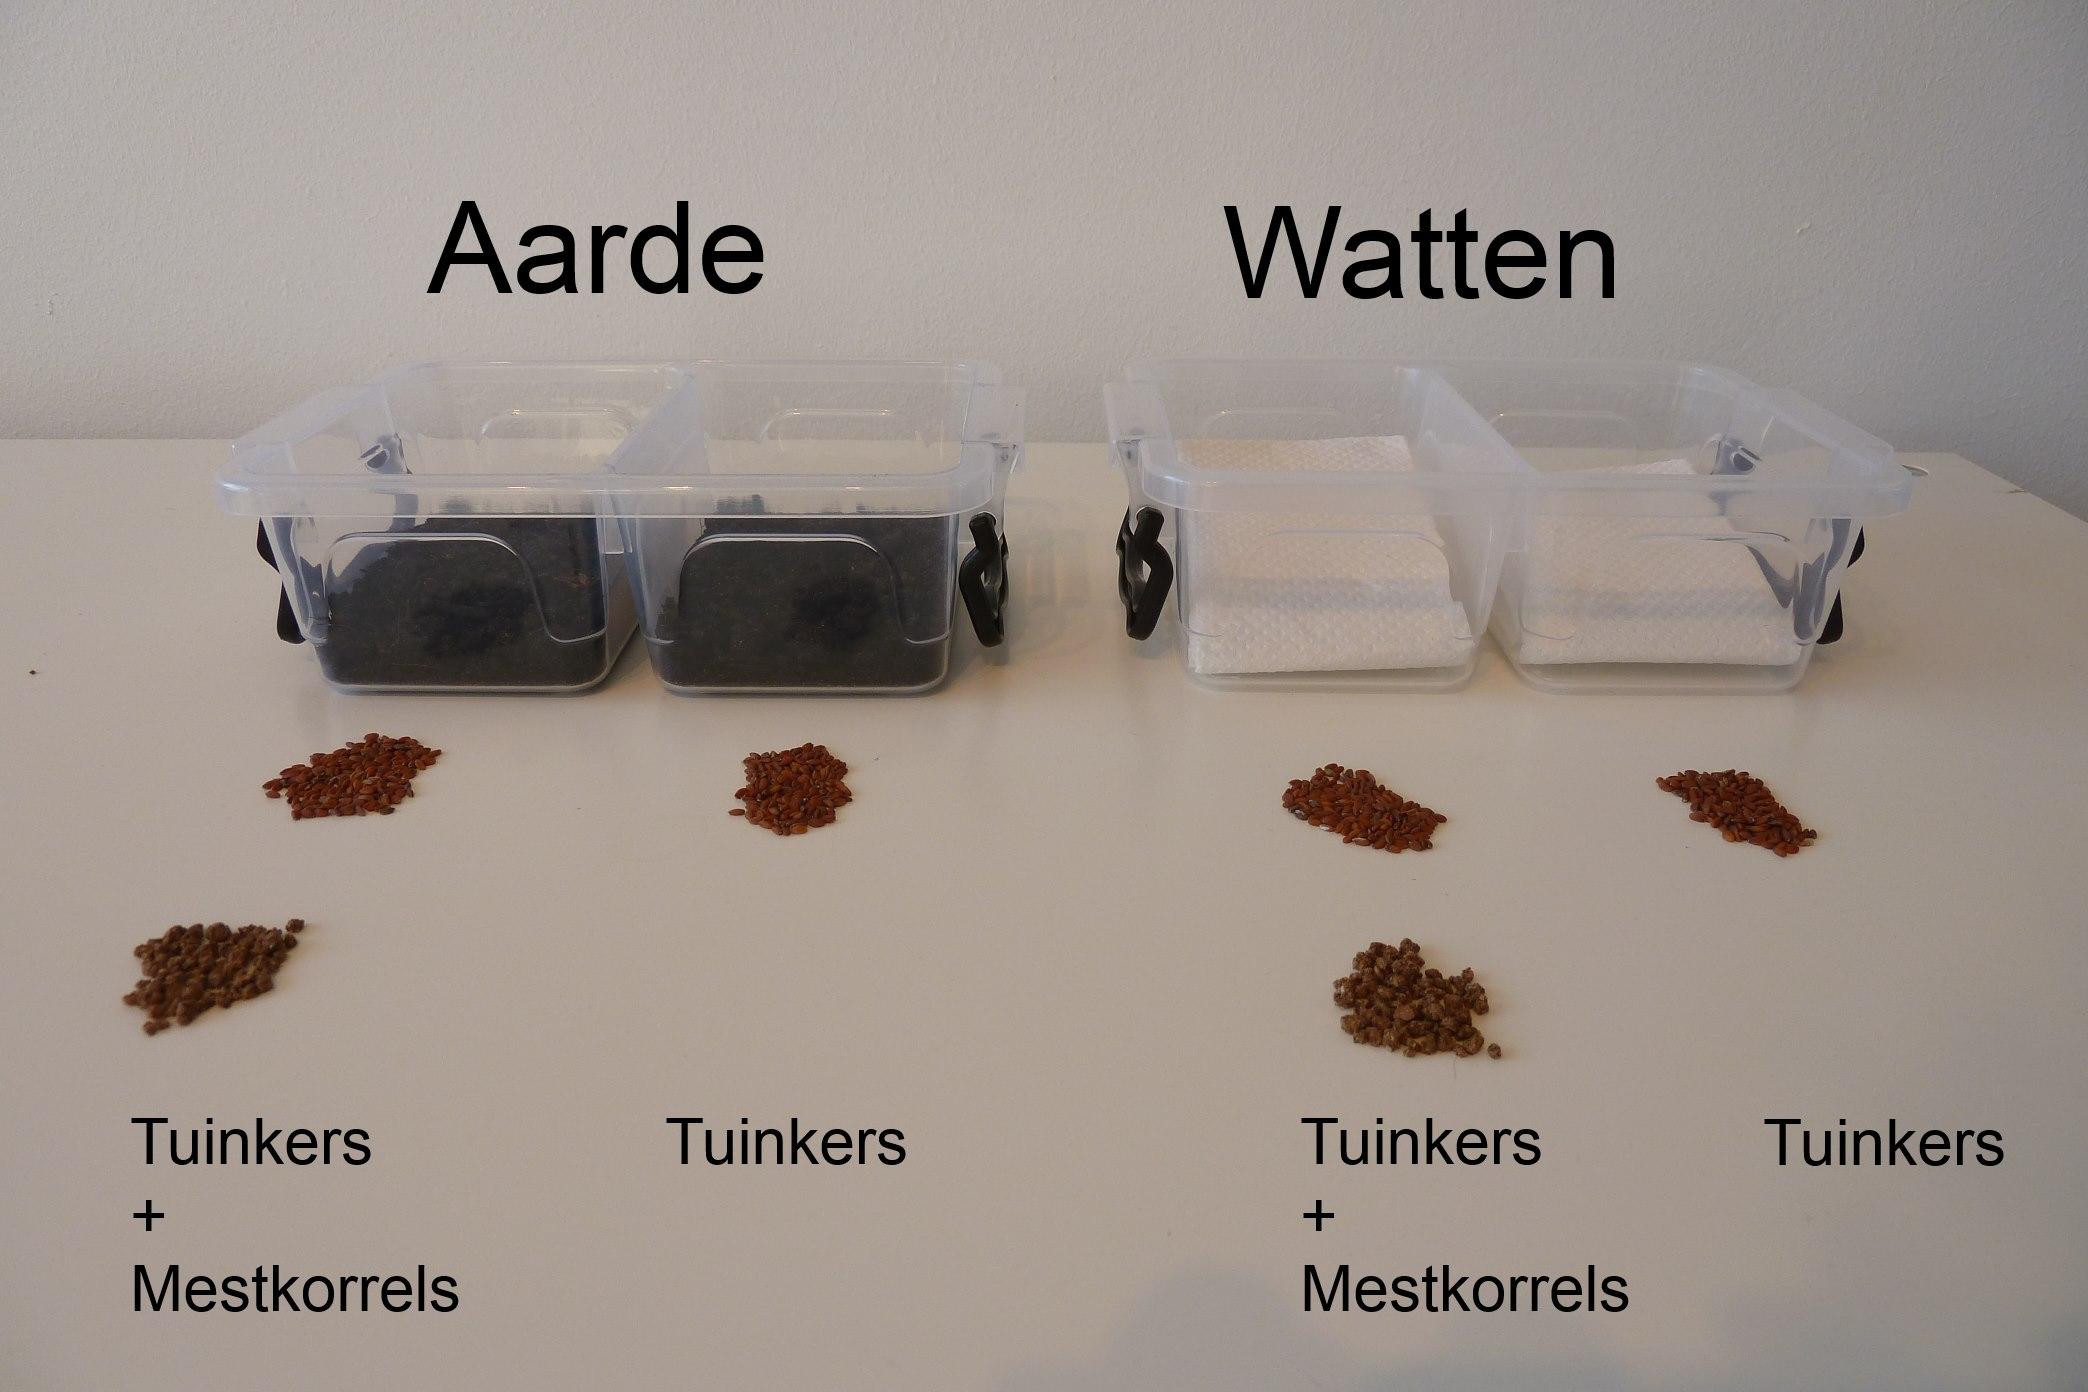 Idee proefjes doen : Experiment invloed mest op kieming tuinkers